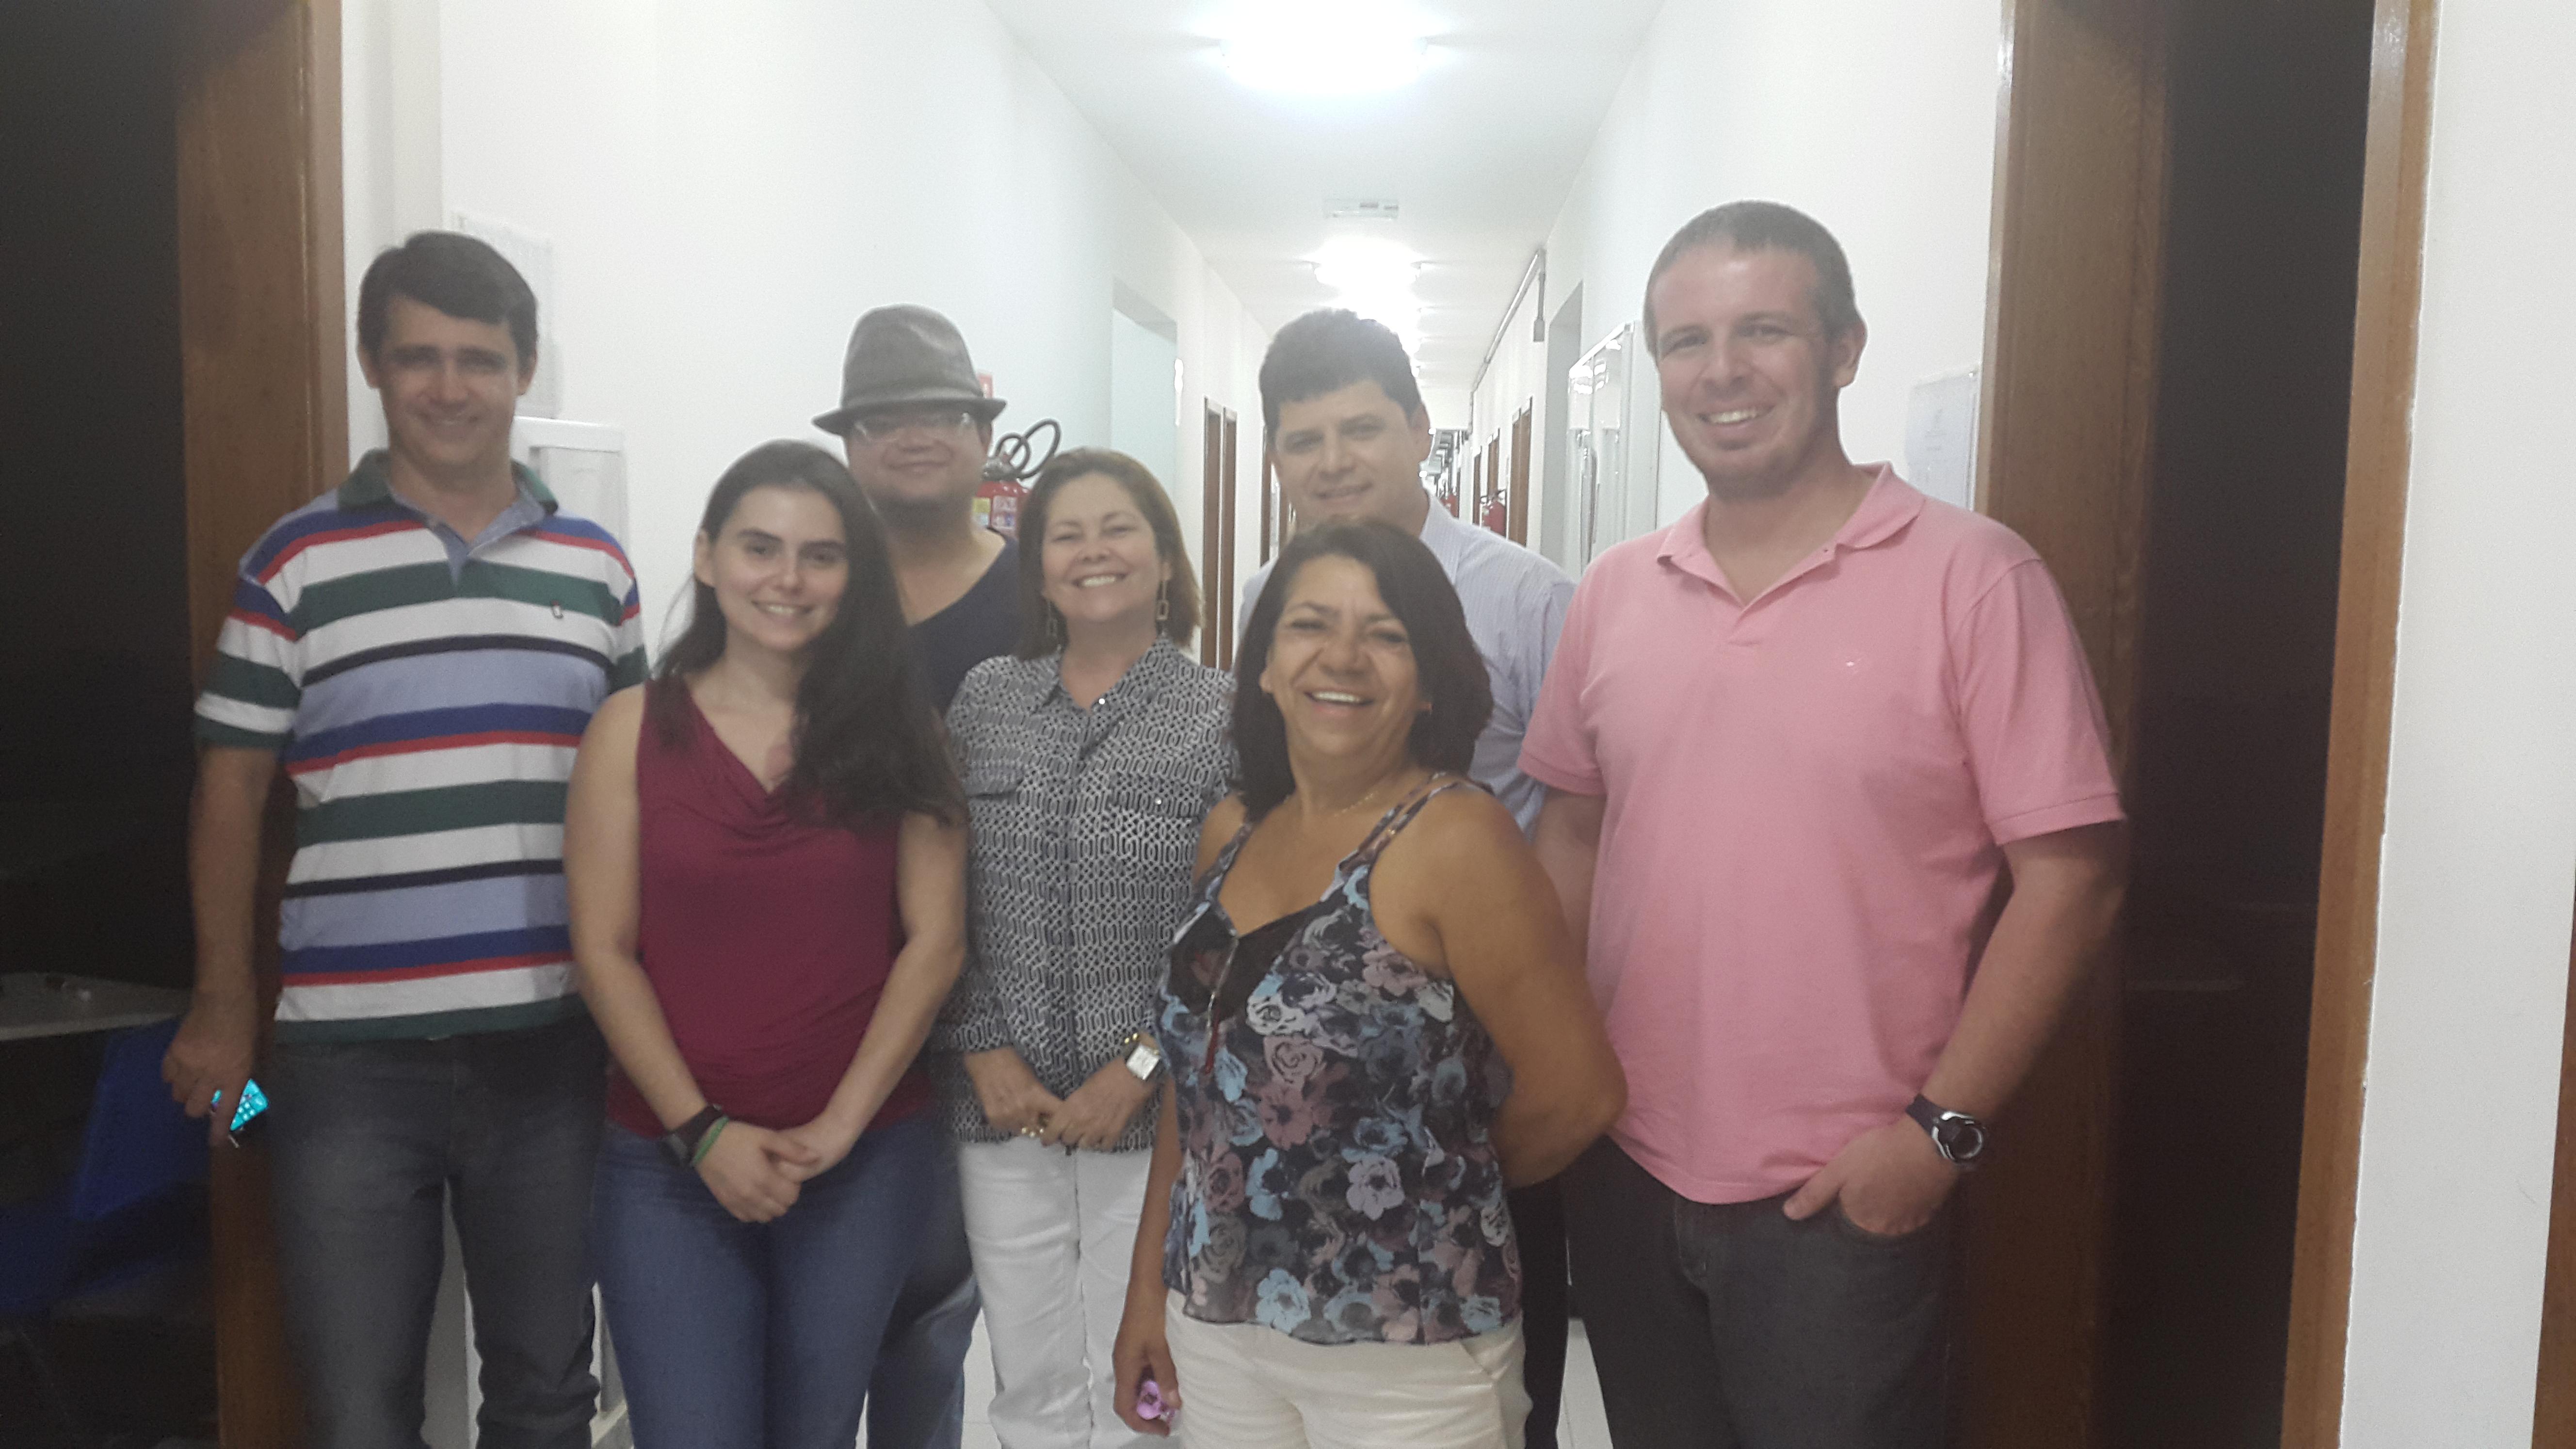 Da esquerda para direita: Adeildo José Tosta (Aluno egresso), Carolina Cândido Pereira (Aluna do curso de Biblioteconomia), Marcelo Nair dos Santos (Docente), Dulcinea Sarmento Rosemberg (Subcoordenadora do Colegiado de Biblioteconomia), Neusa Balbina de Souza (Coordenadora do Colegiado de Biblioteconomia), Ademilson Andrade Siqueira (Membro de Gestão) e Eduardo Valadares. (Foto: Divulgação)